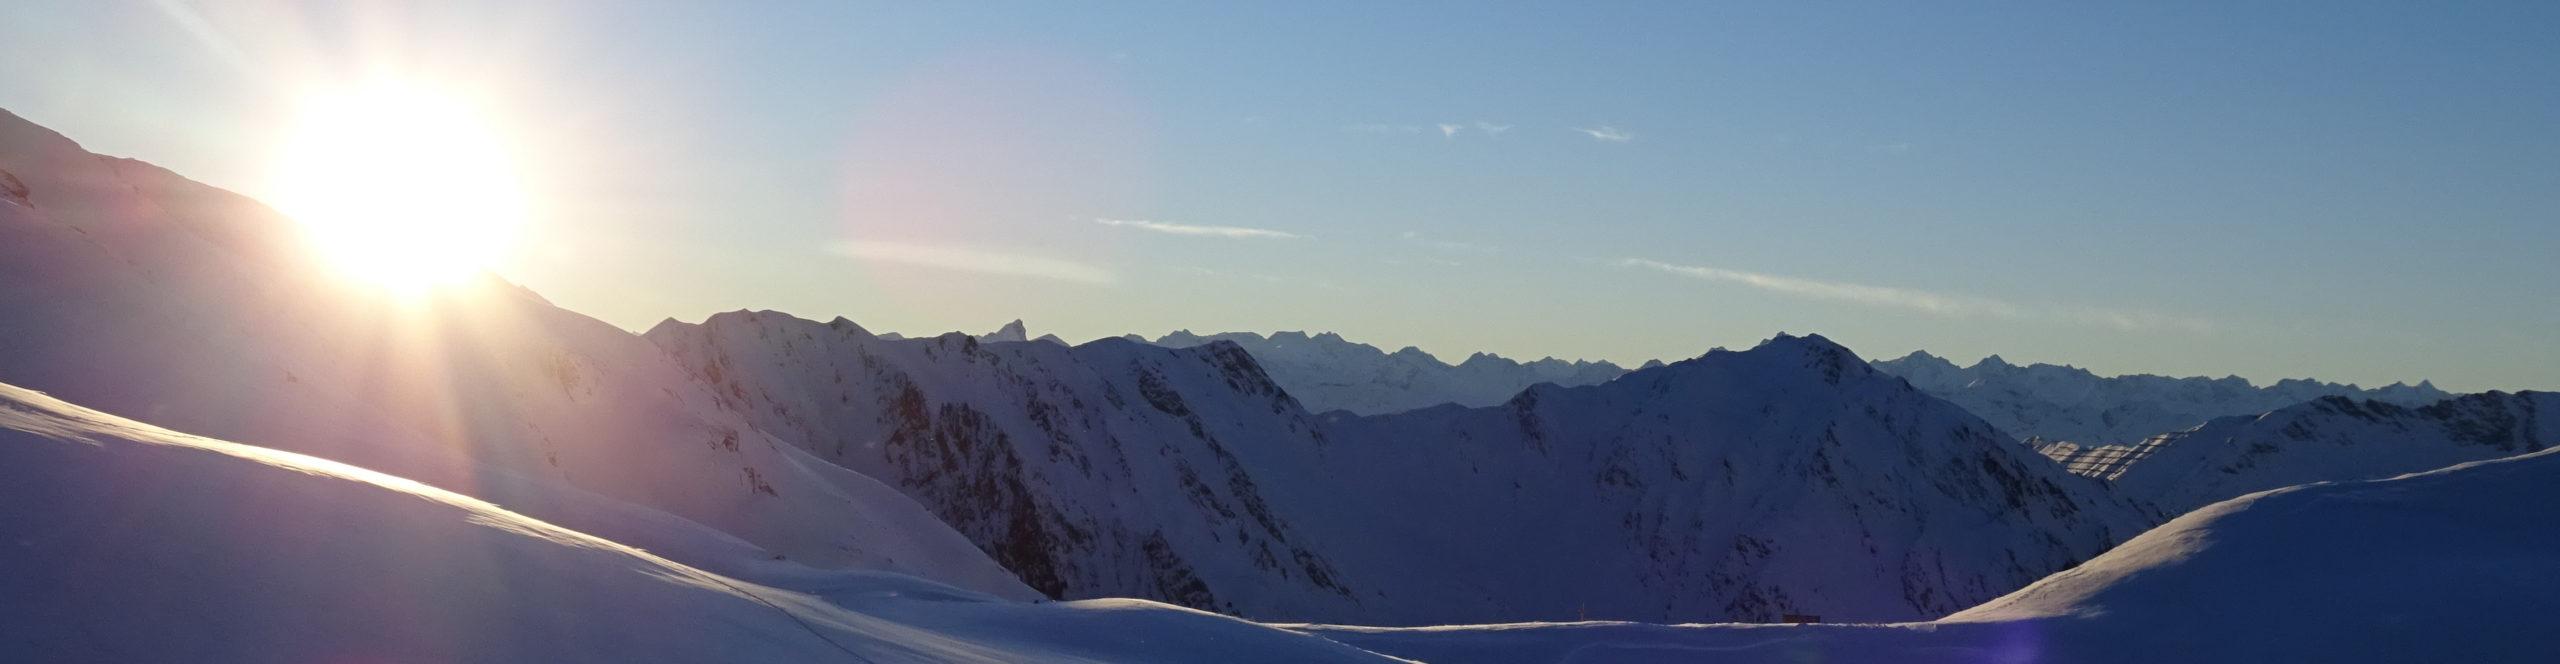 ISCHGL & SERFAUS – SkiSafari in zwei der besten Skigebiete der Alpen